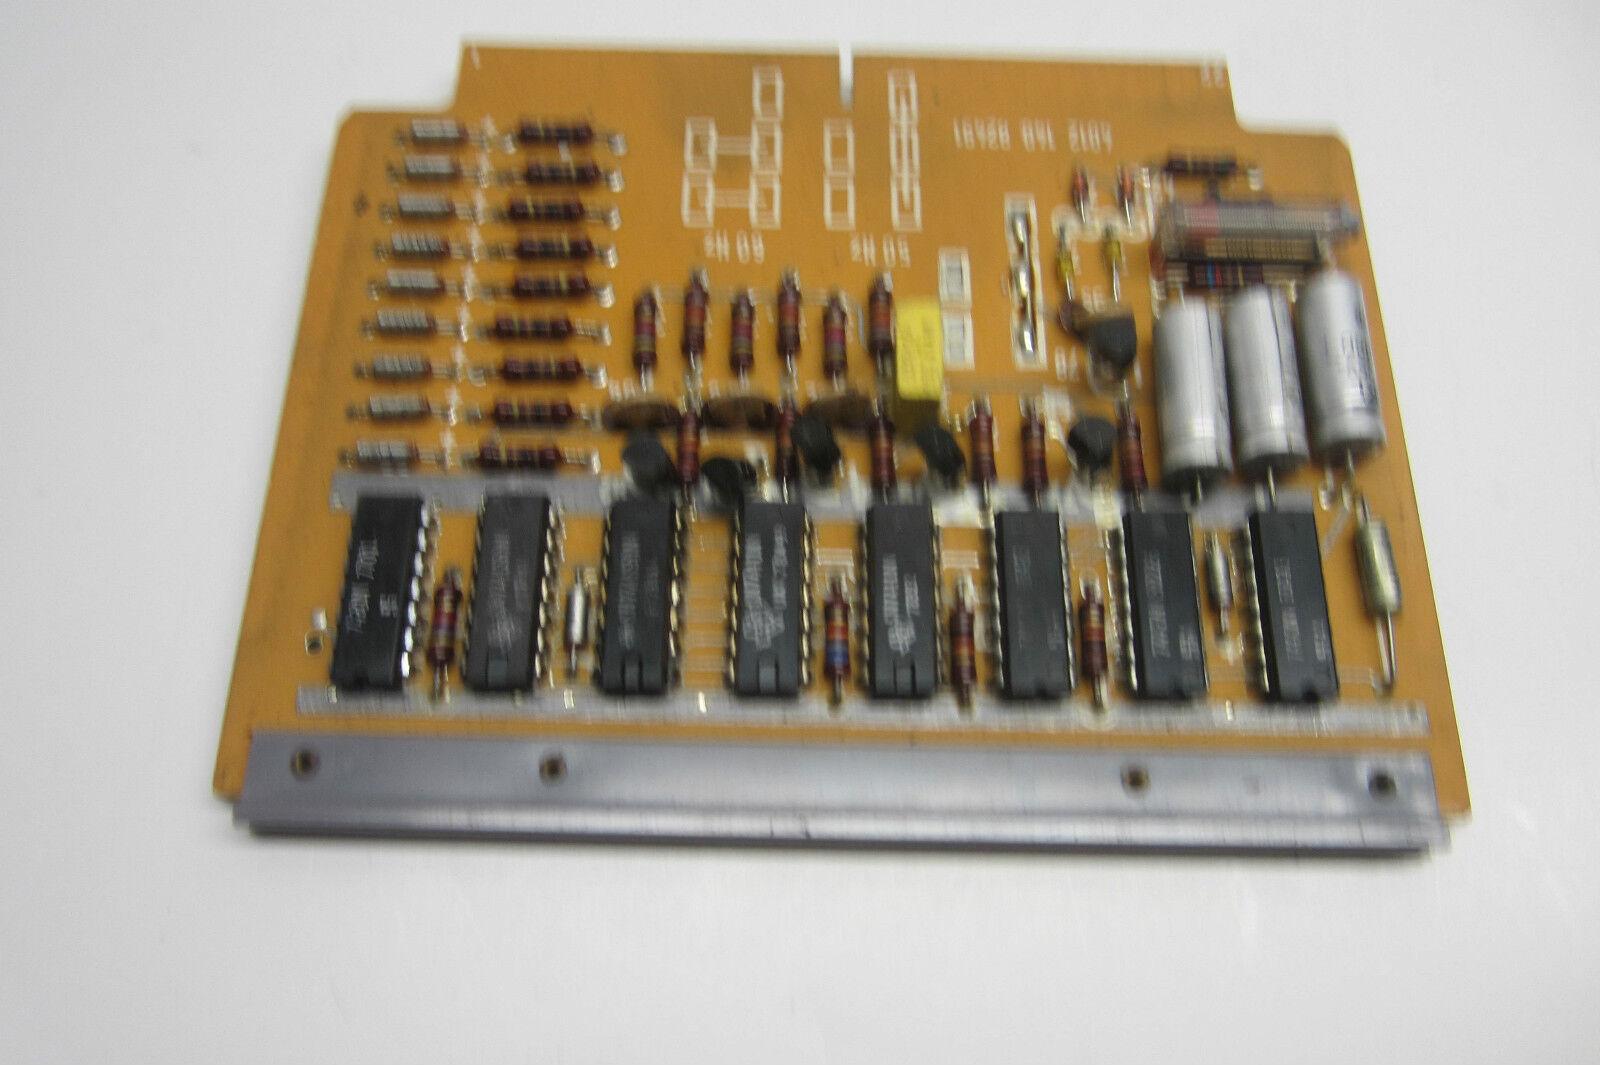 USED BEKUM 4012-151-32711 AMPLIFIER CARD 401215132711